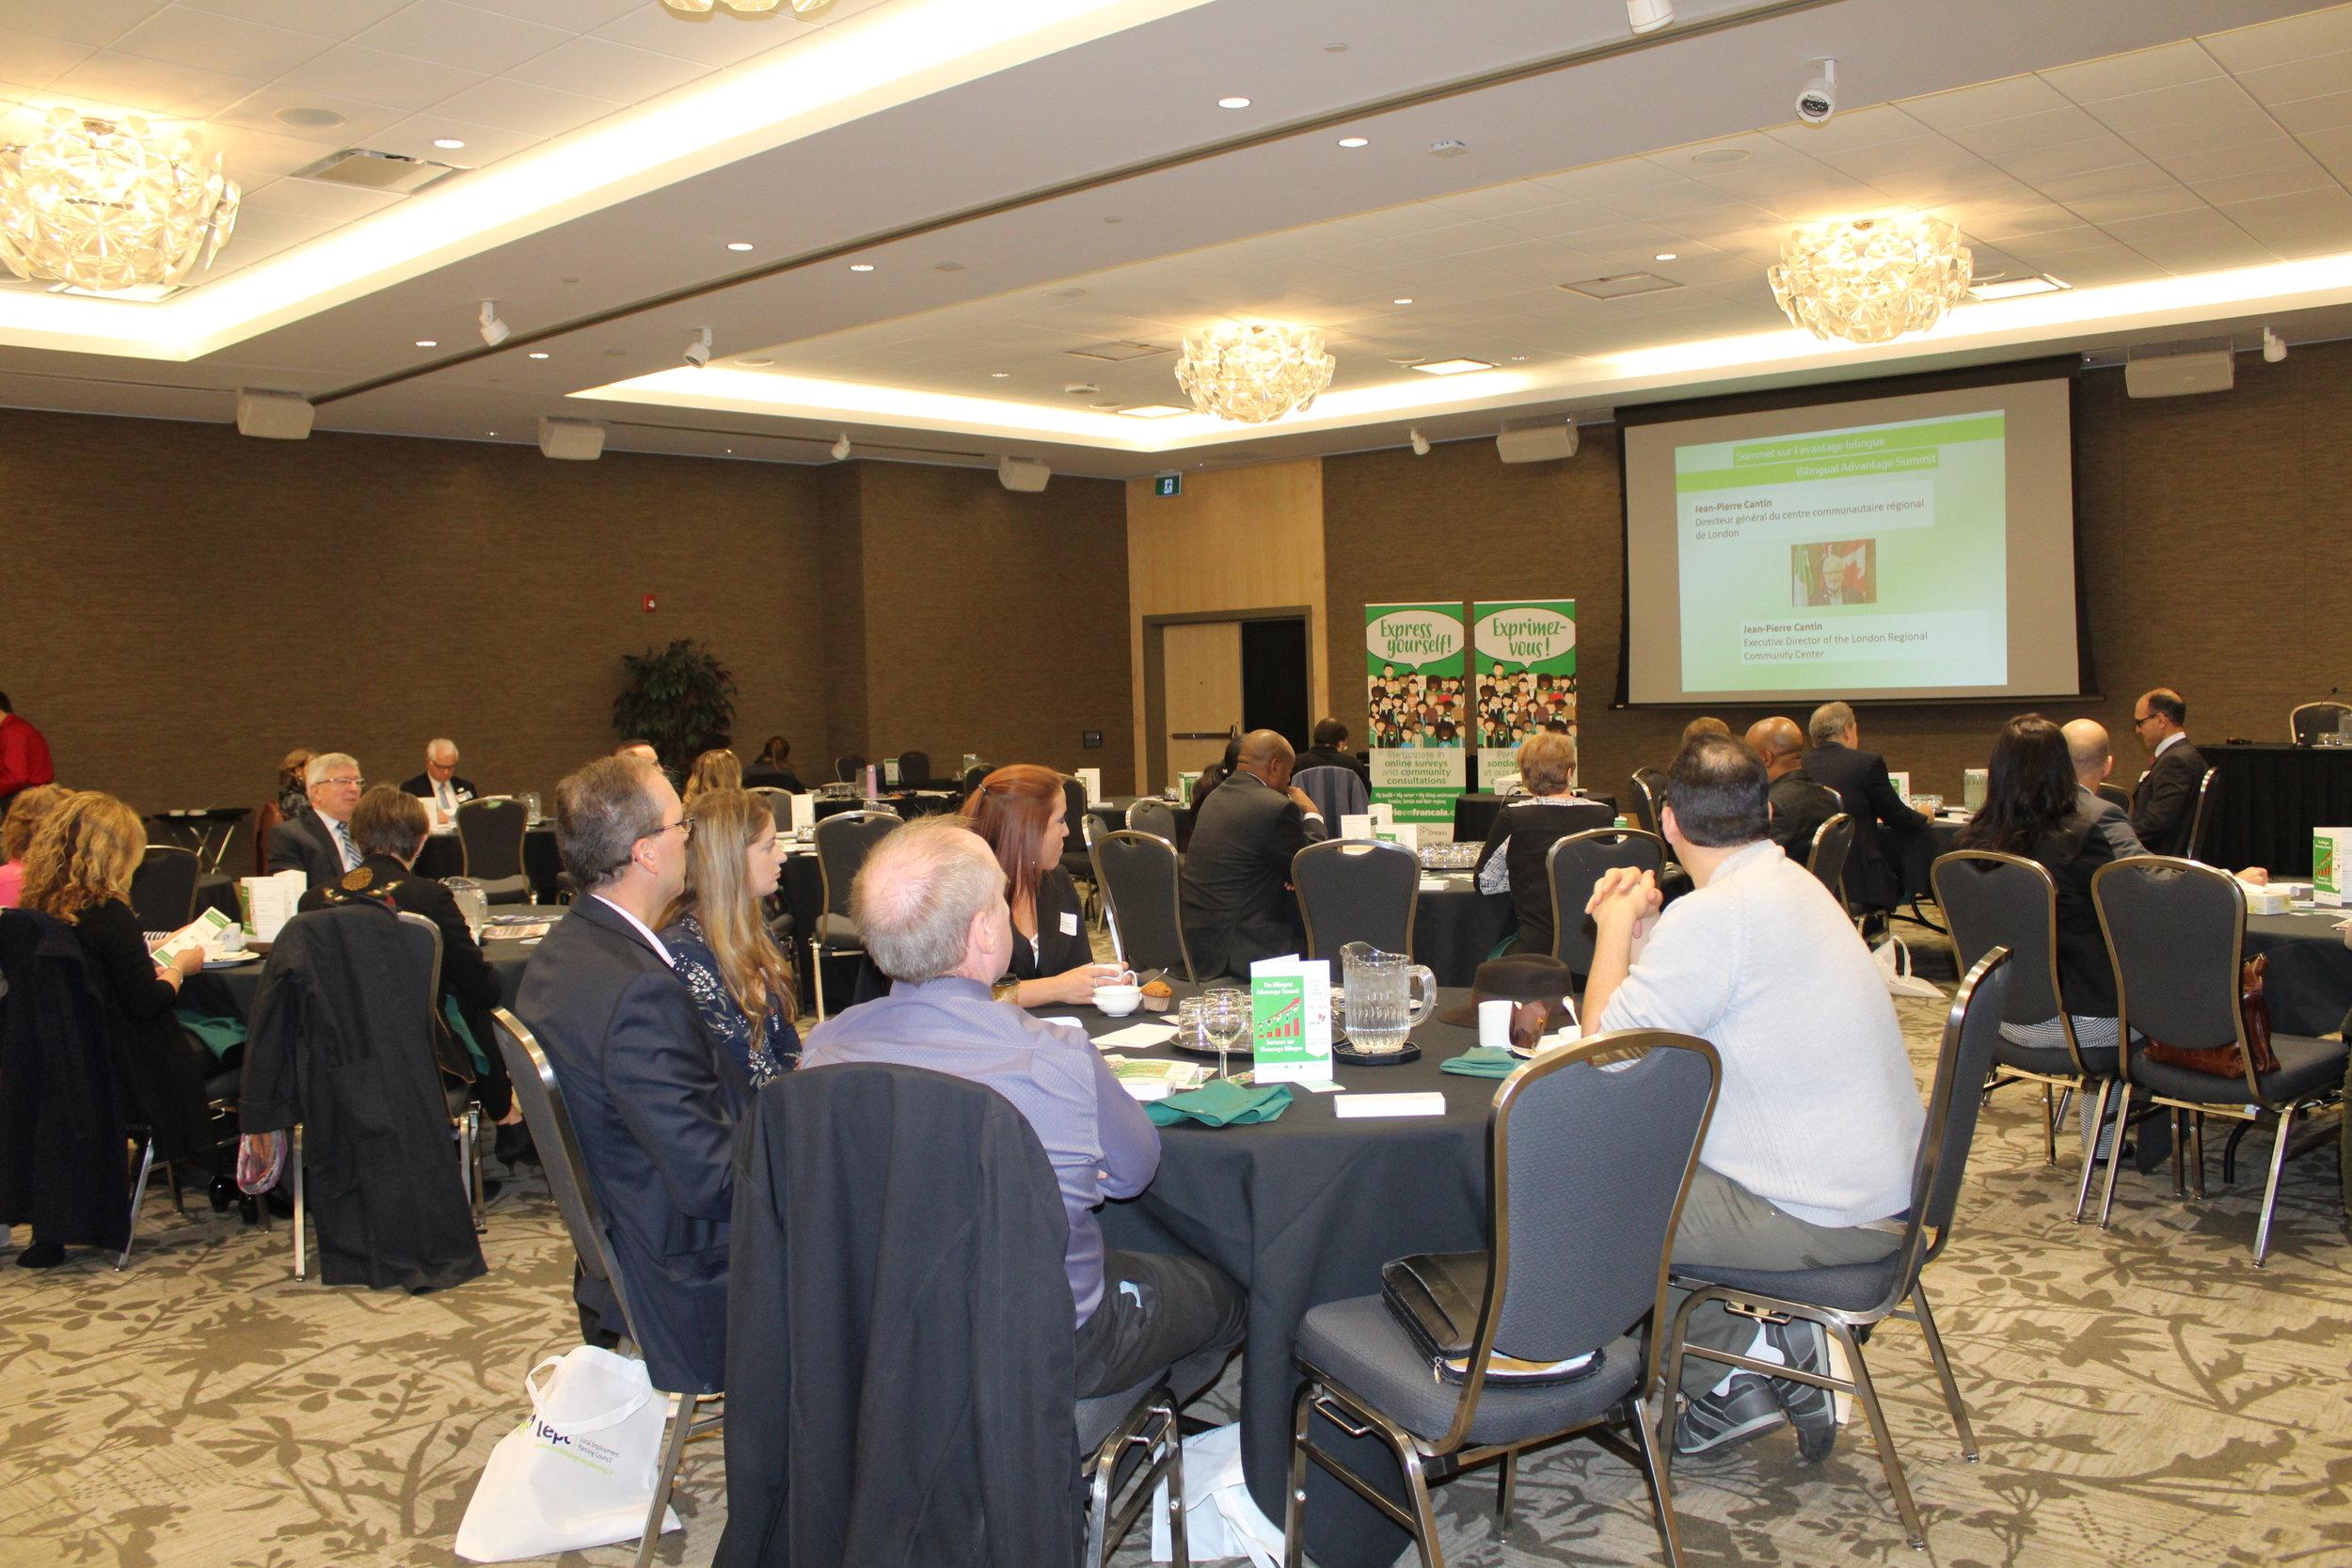 Sommet d'emploi - Consultation communautaire